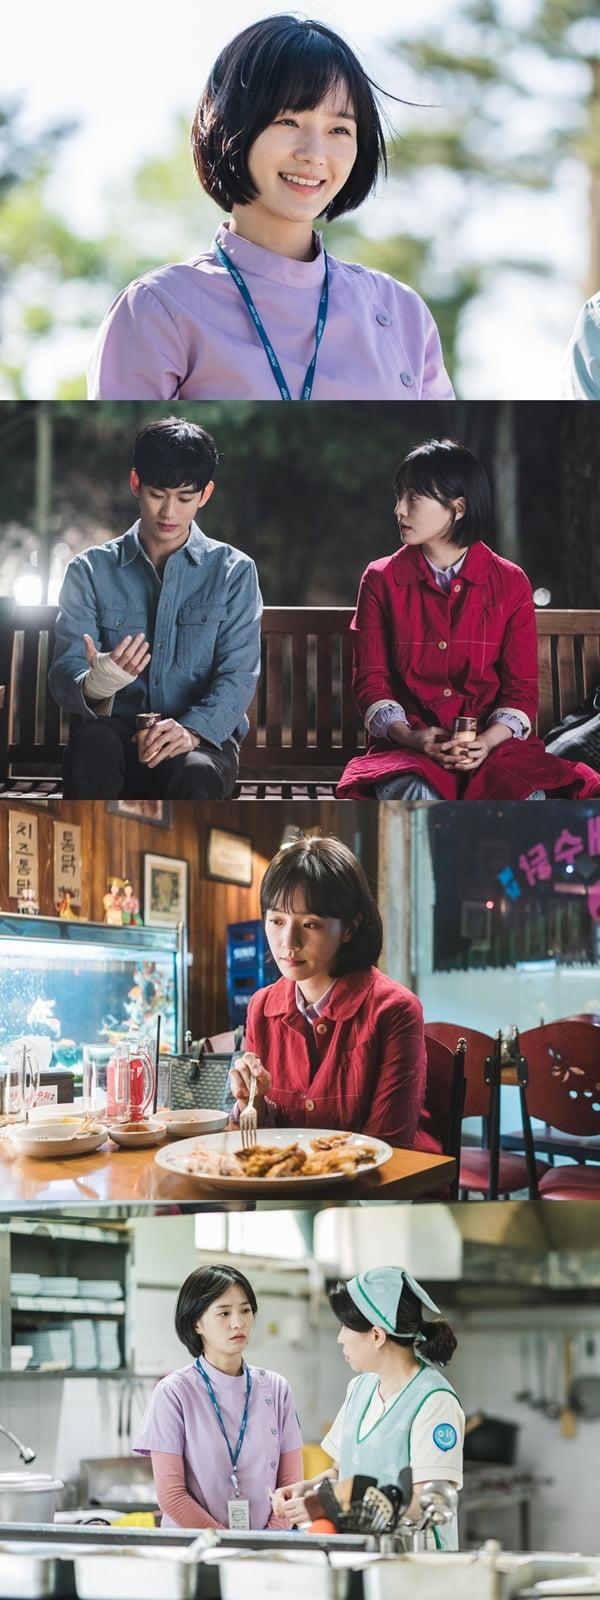 박규영 / 사진 = tvN 제공